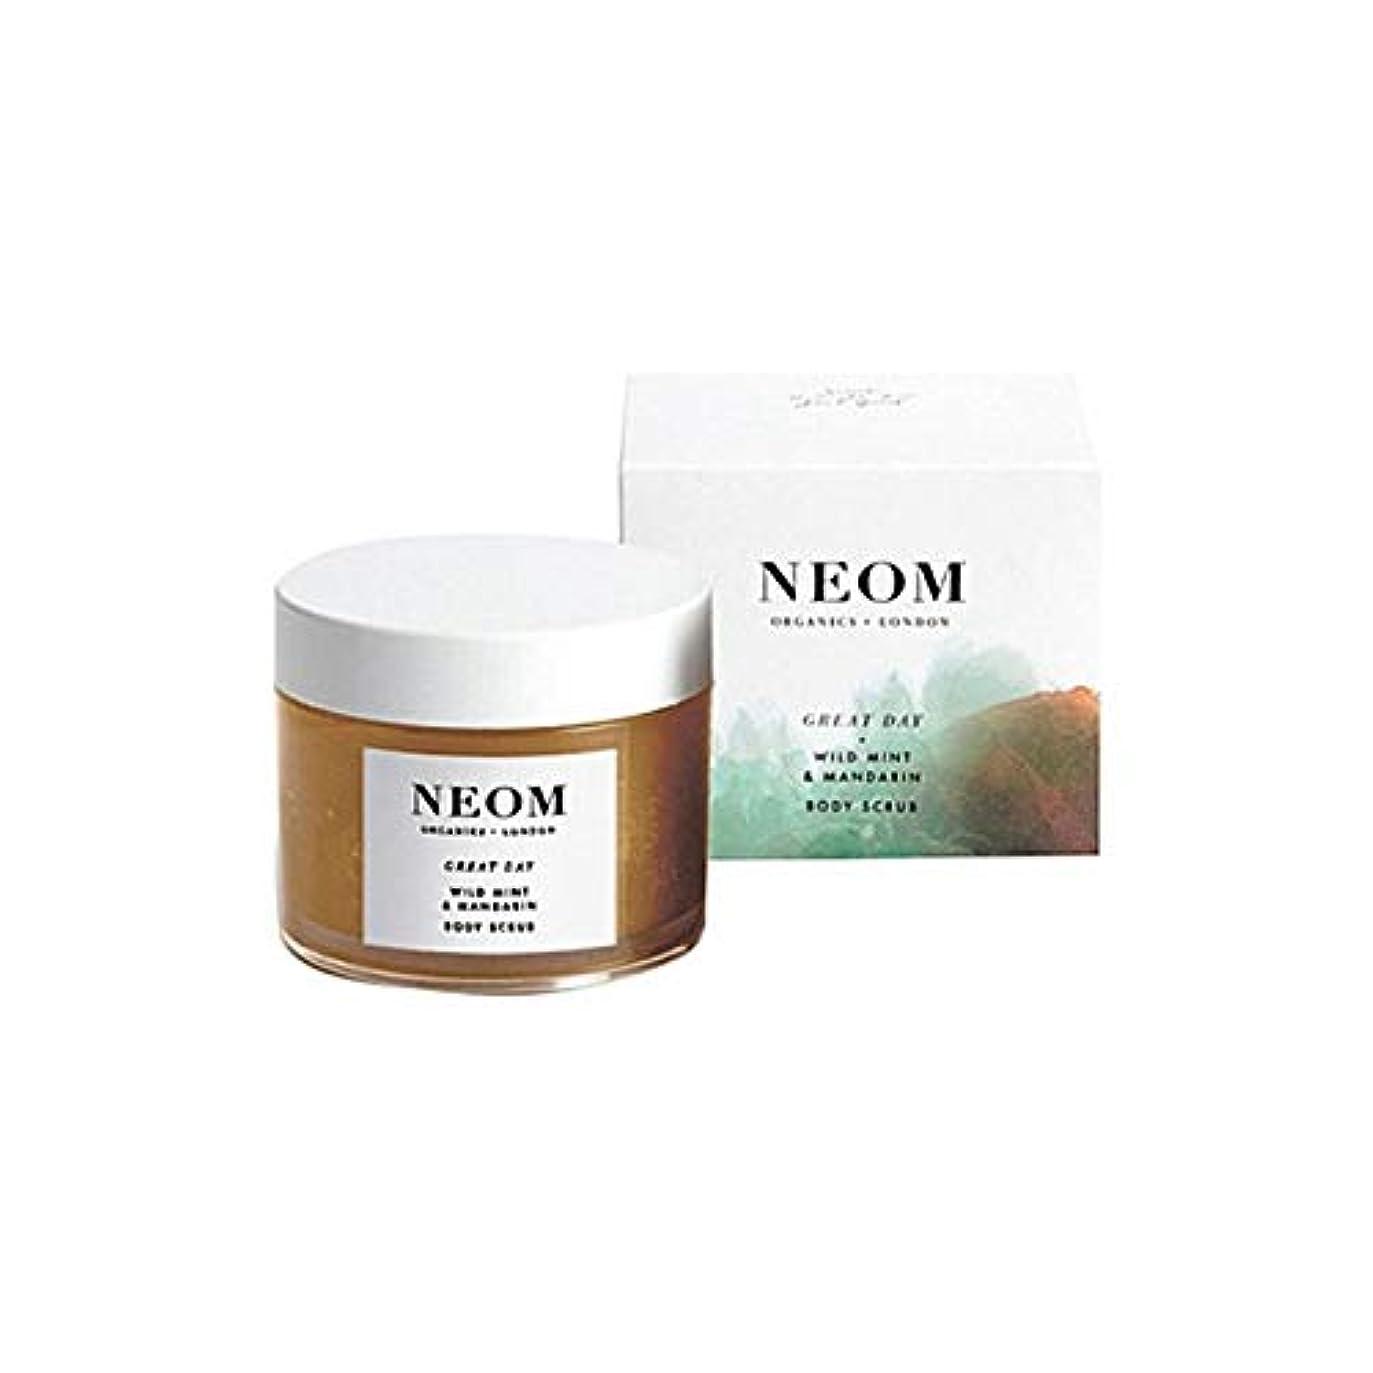 むさぼり食うペネロペ予想する[Neom] Neom高級有機物素晴らしい一日ボディスクラブ332グラム - Neom Luxury Organics Great Day Body Scrub 332G [並行輸入品]